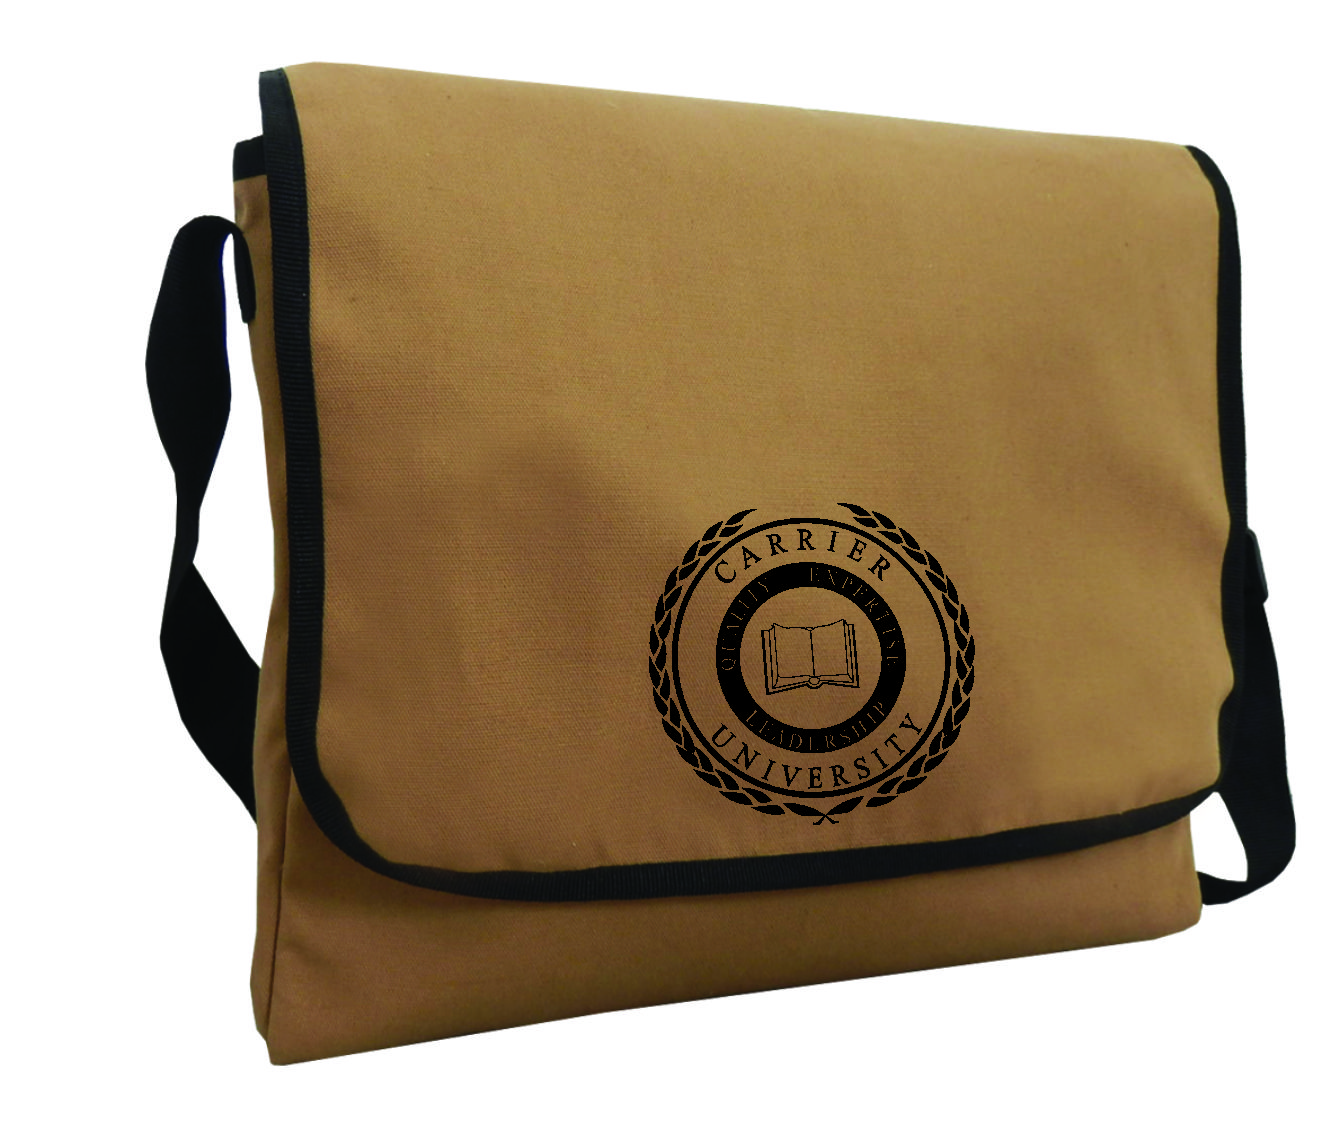 Sac coton personnalisable SCC019